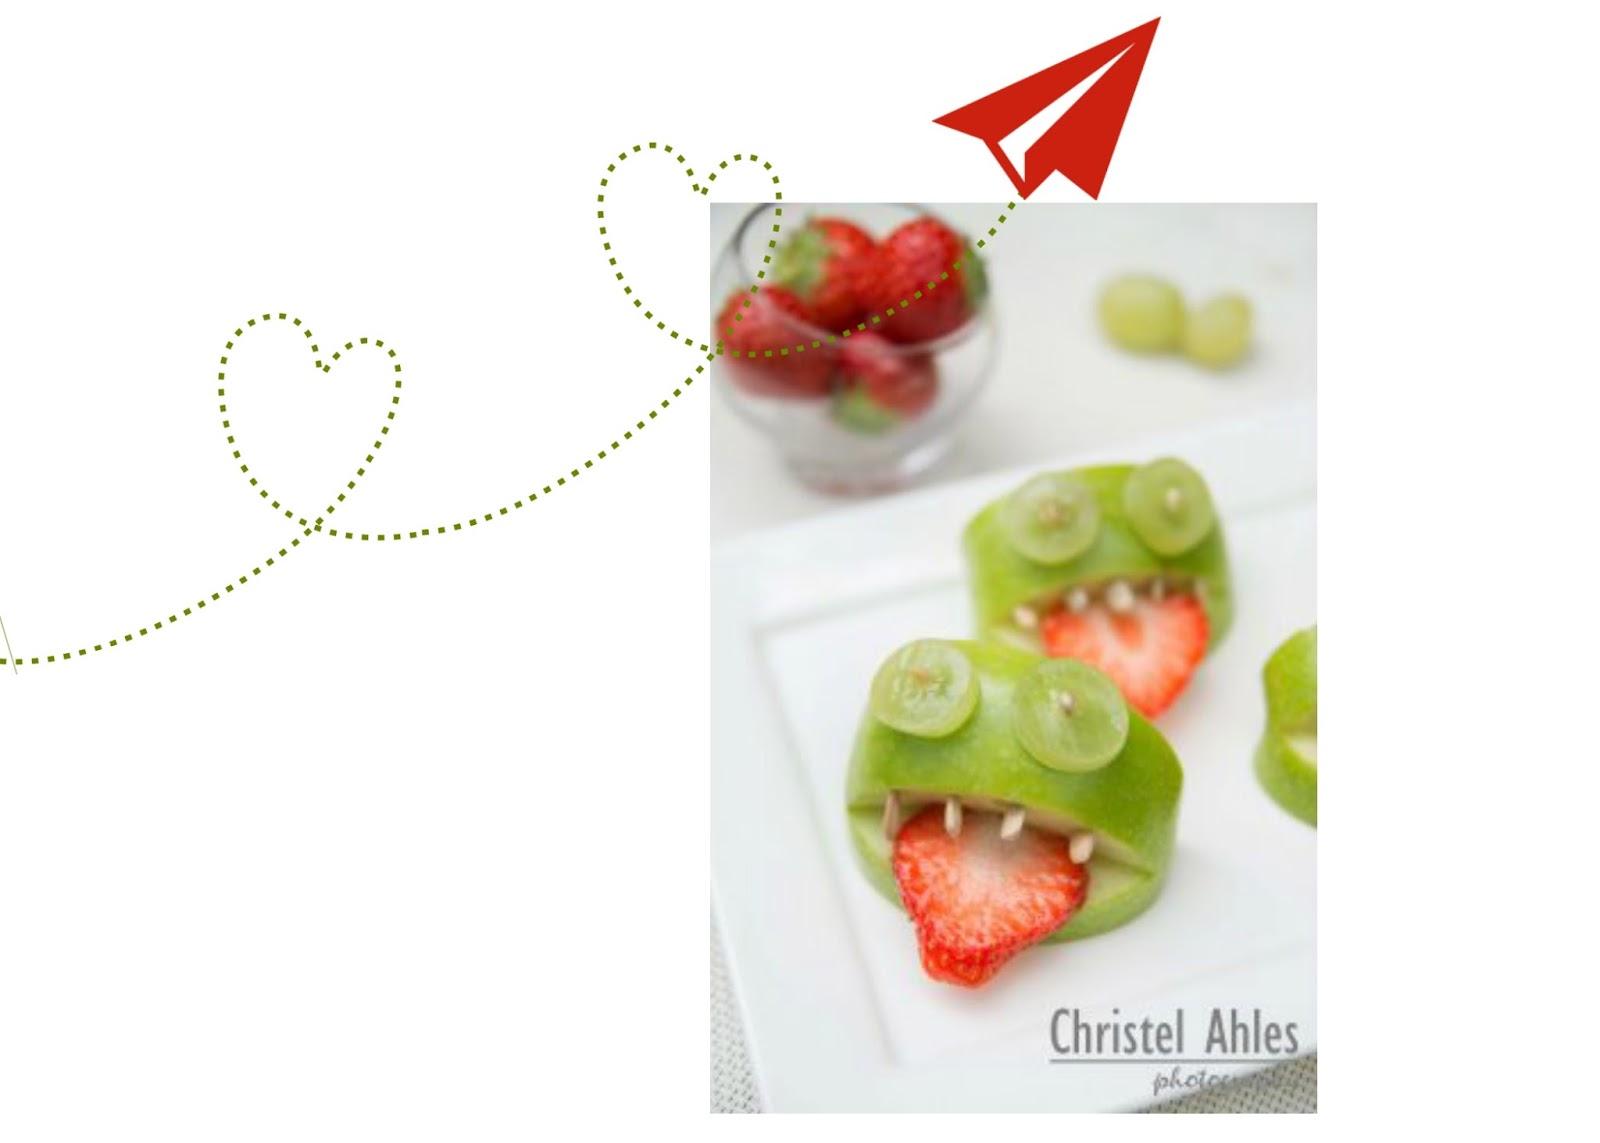 """vrolijke monsterlijke appelkikkertjes van de blog """"Christel Ahles"""""""